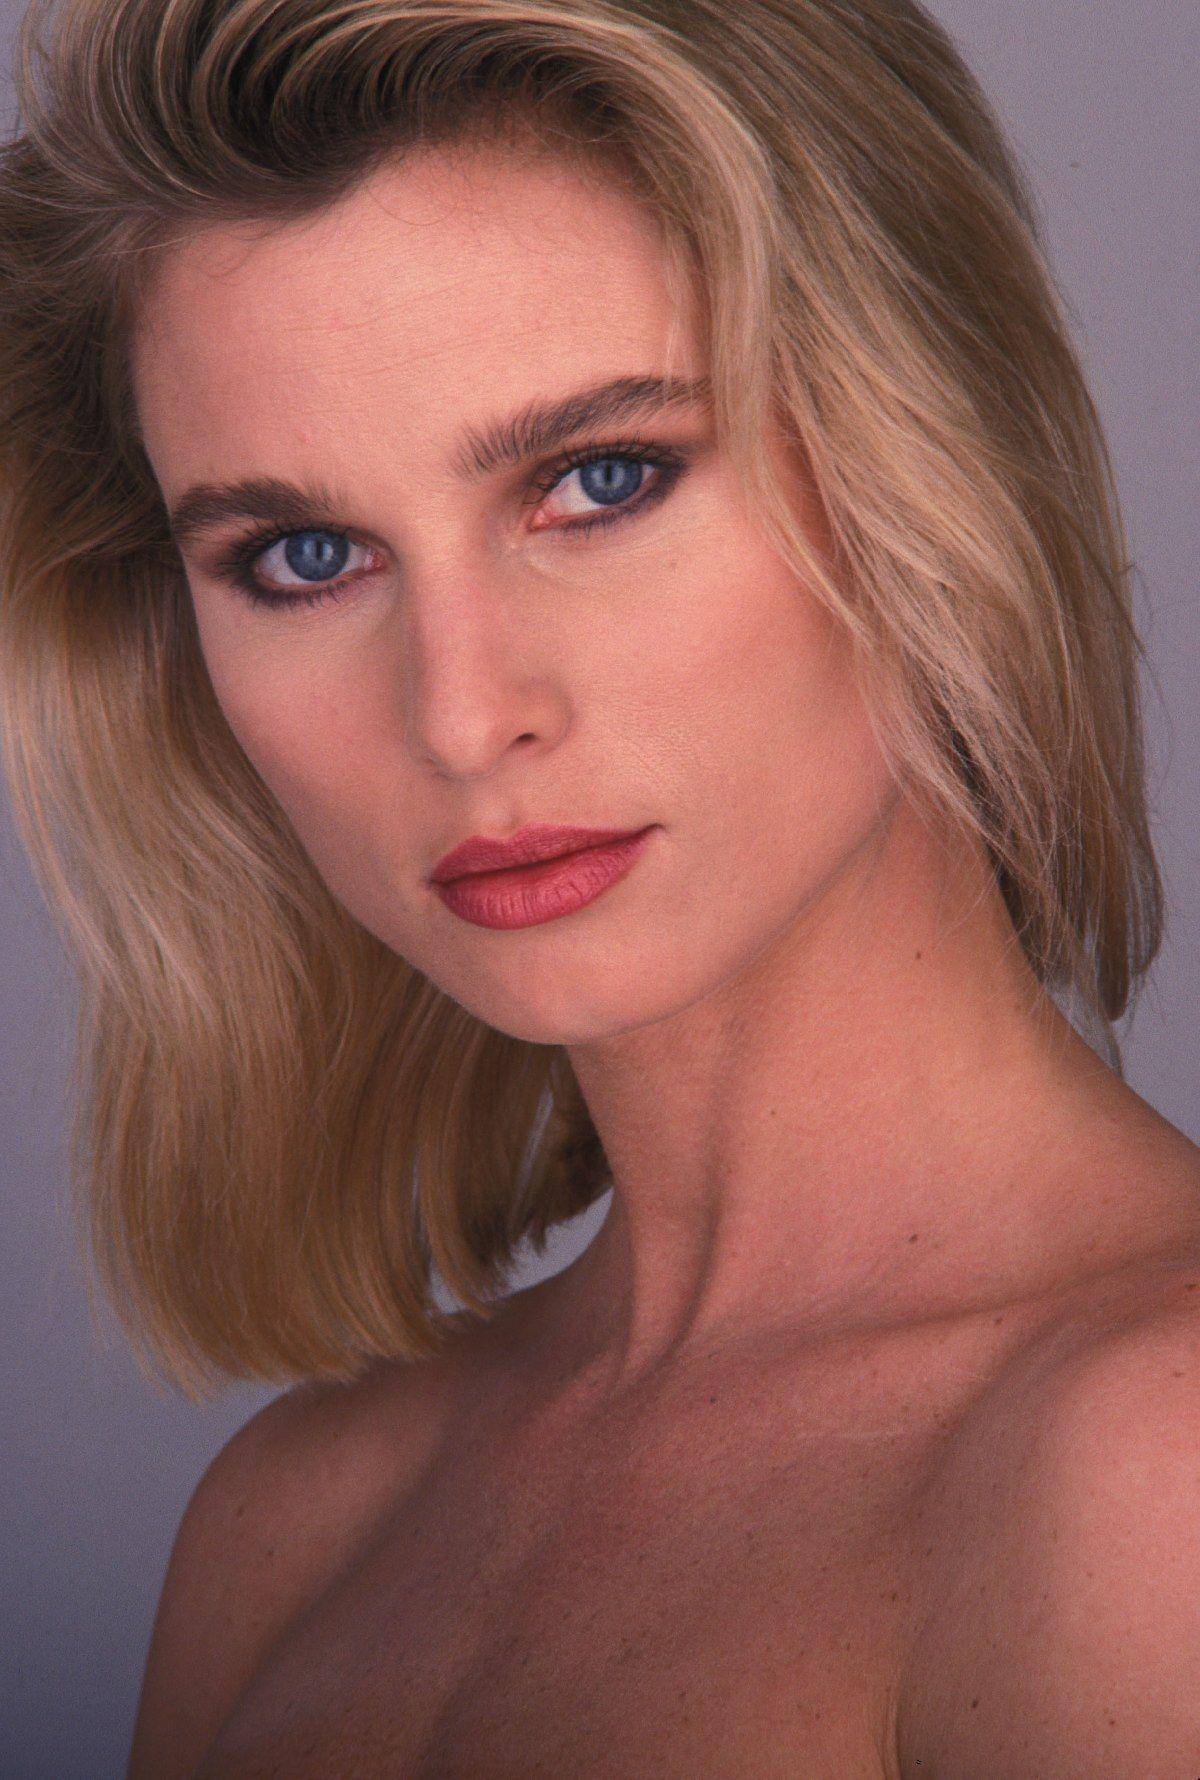 Nicollette Sheridan (born 1963)